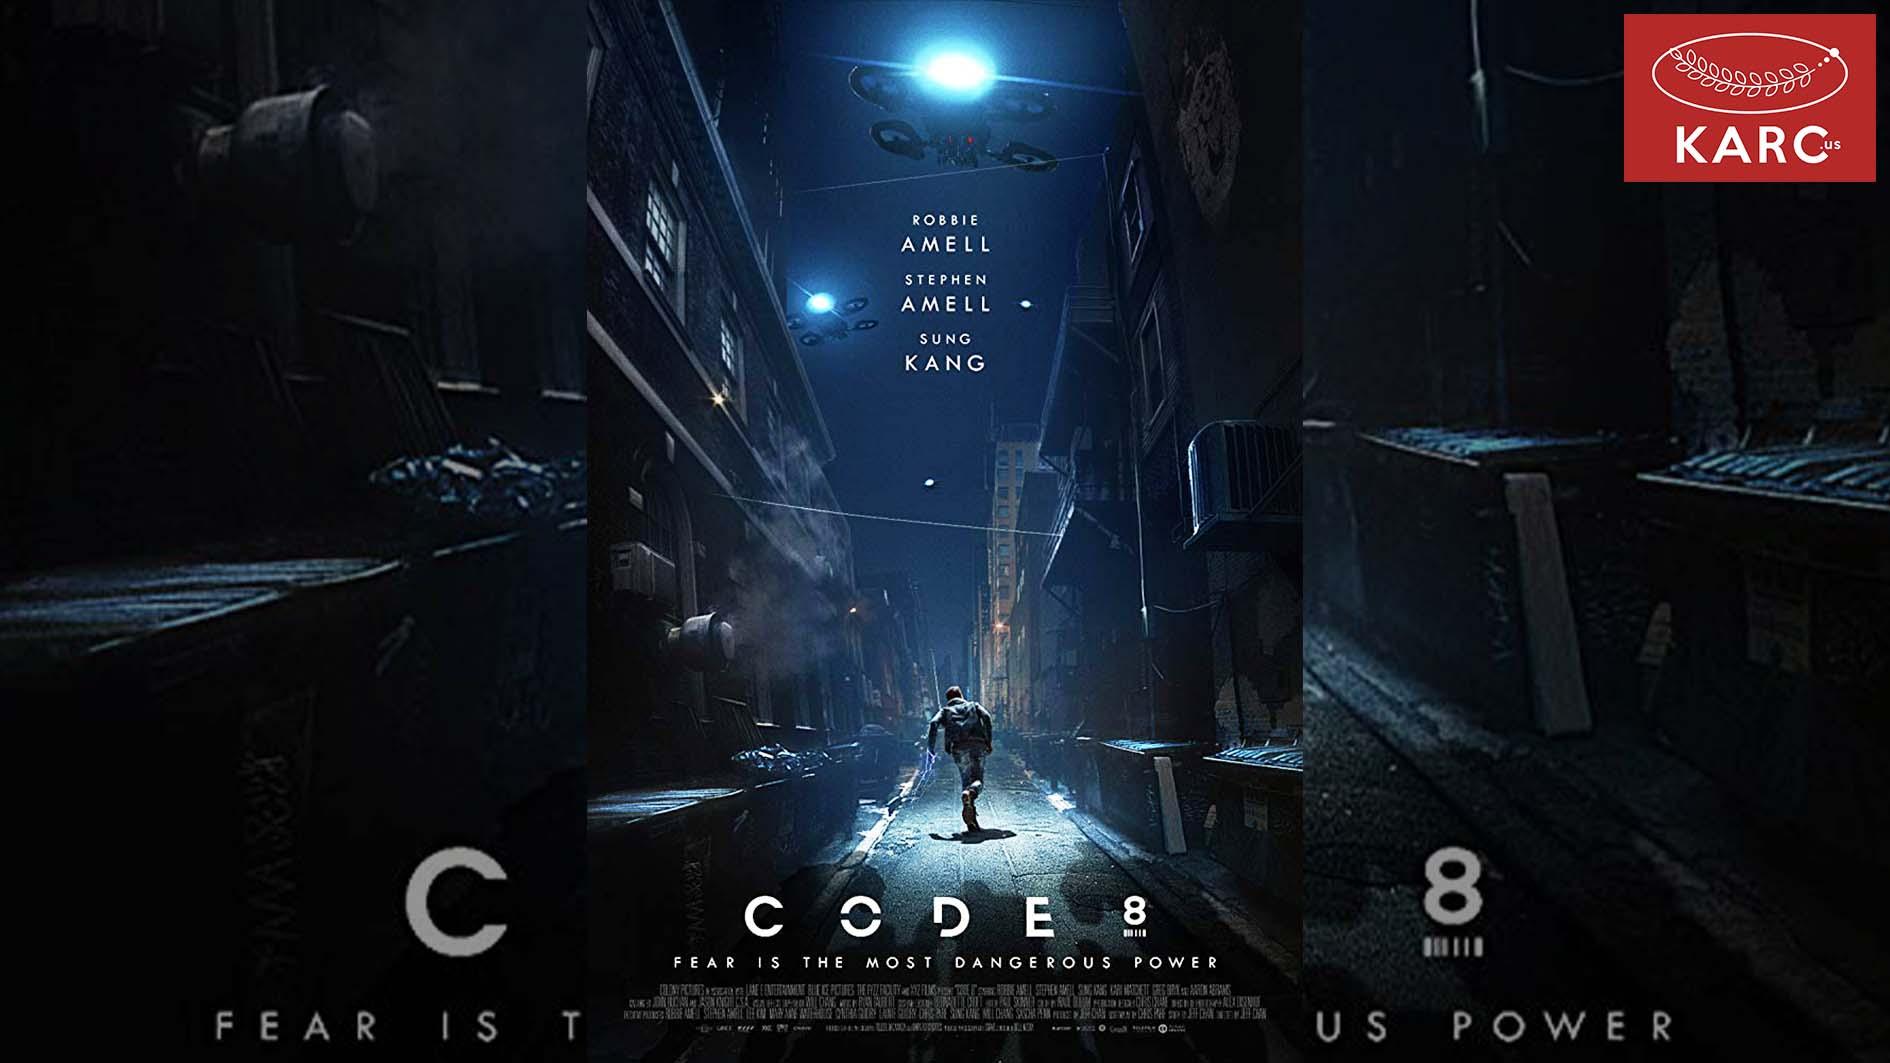 รีวิว - Code 8 2020 ปฎิวัติมนุษย์กลุ่มพลังพิเศษ - Karc.us